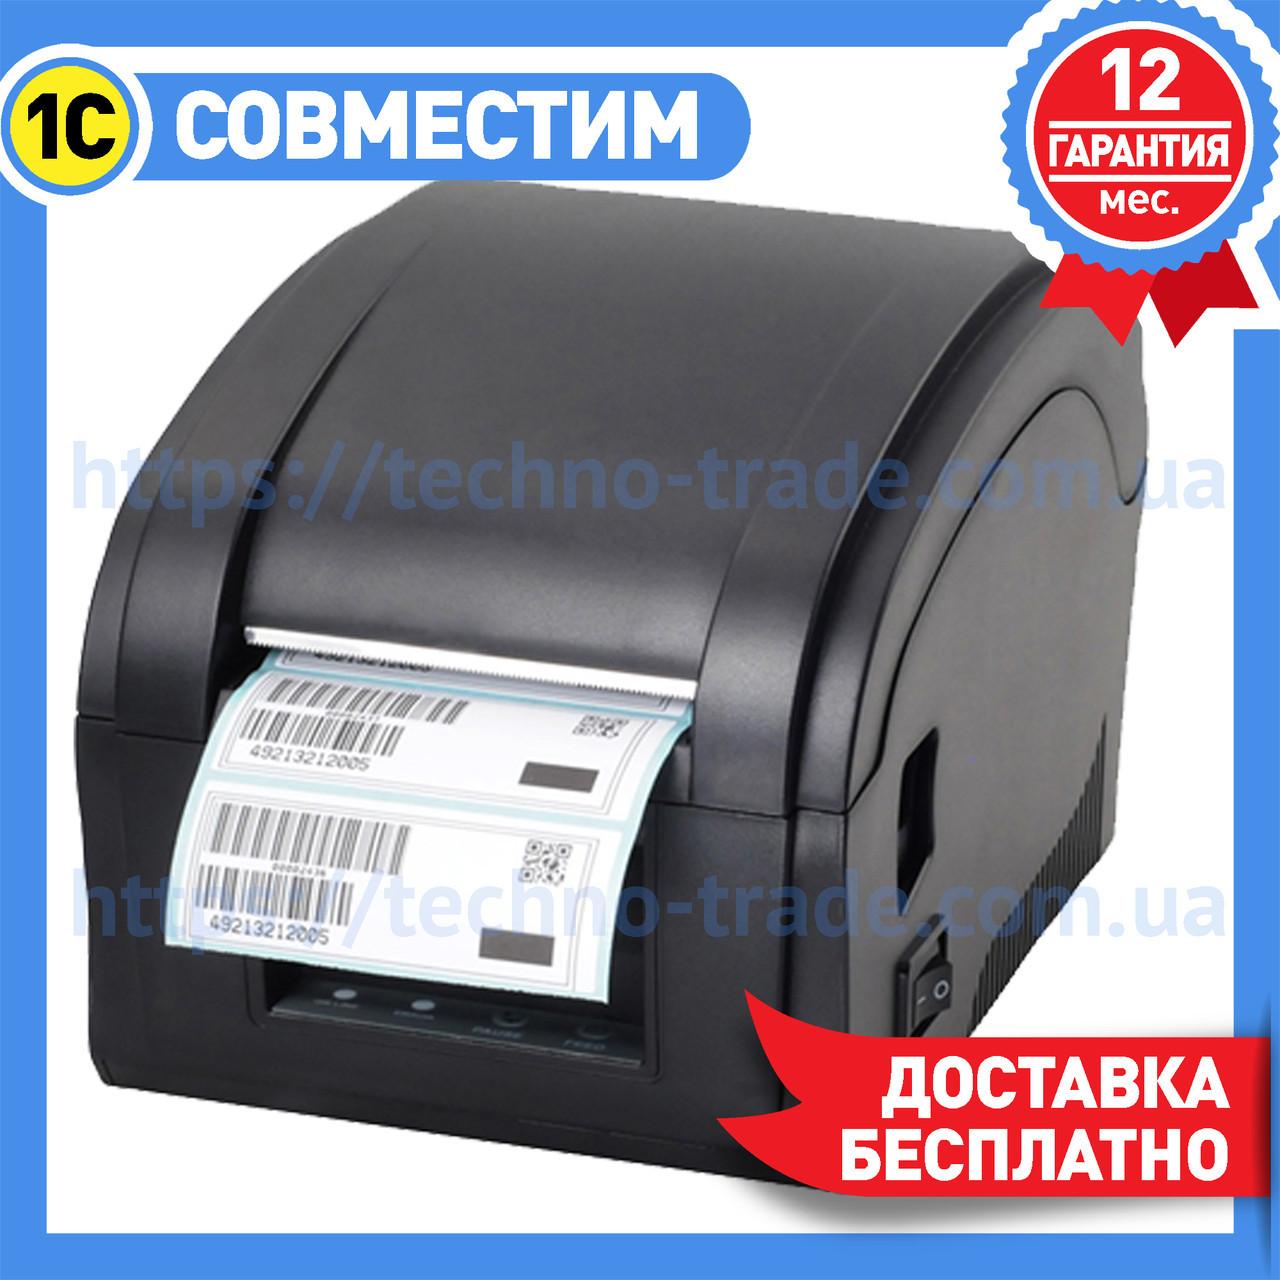 ✅Принтер для печати этикеток и чеков 2 в 1 Xprinter XP-360B штрих кодов и ценников